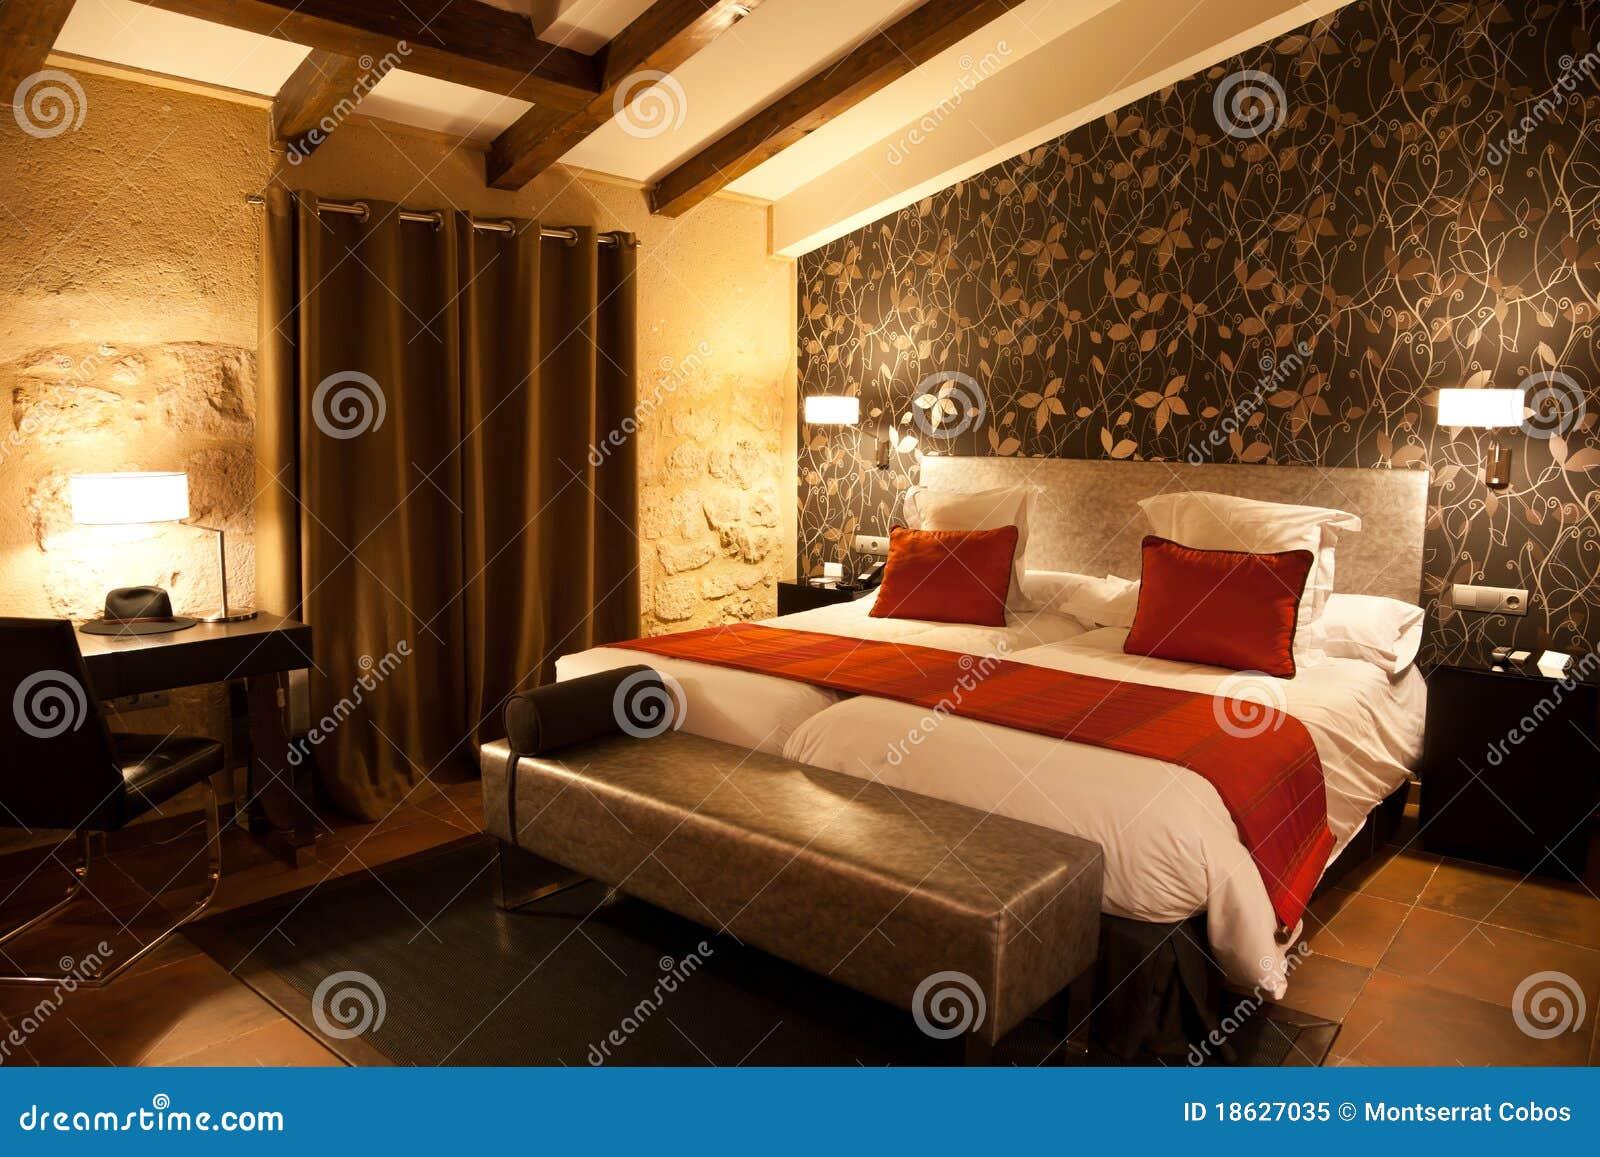 Camera da letto moderna della mansarda immagine stock - Camera letto moderna ...